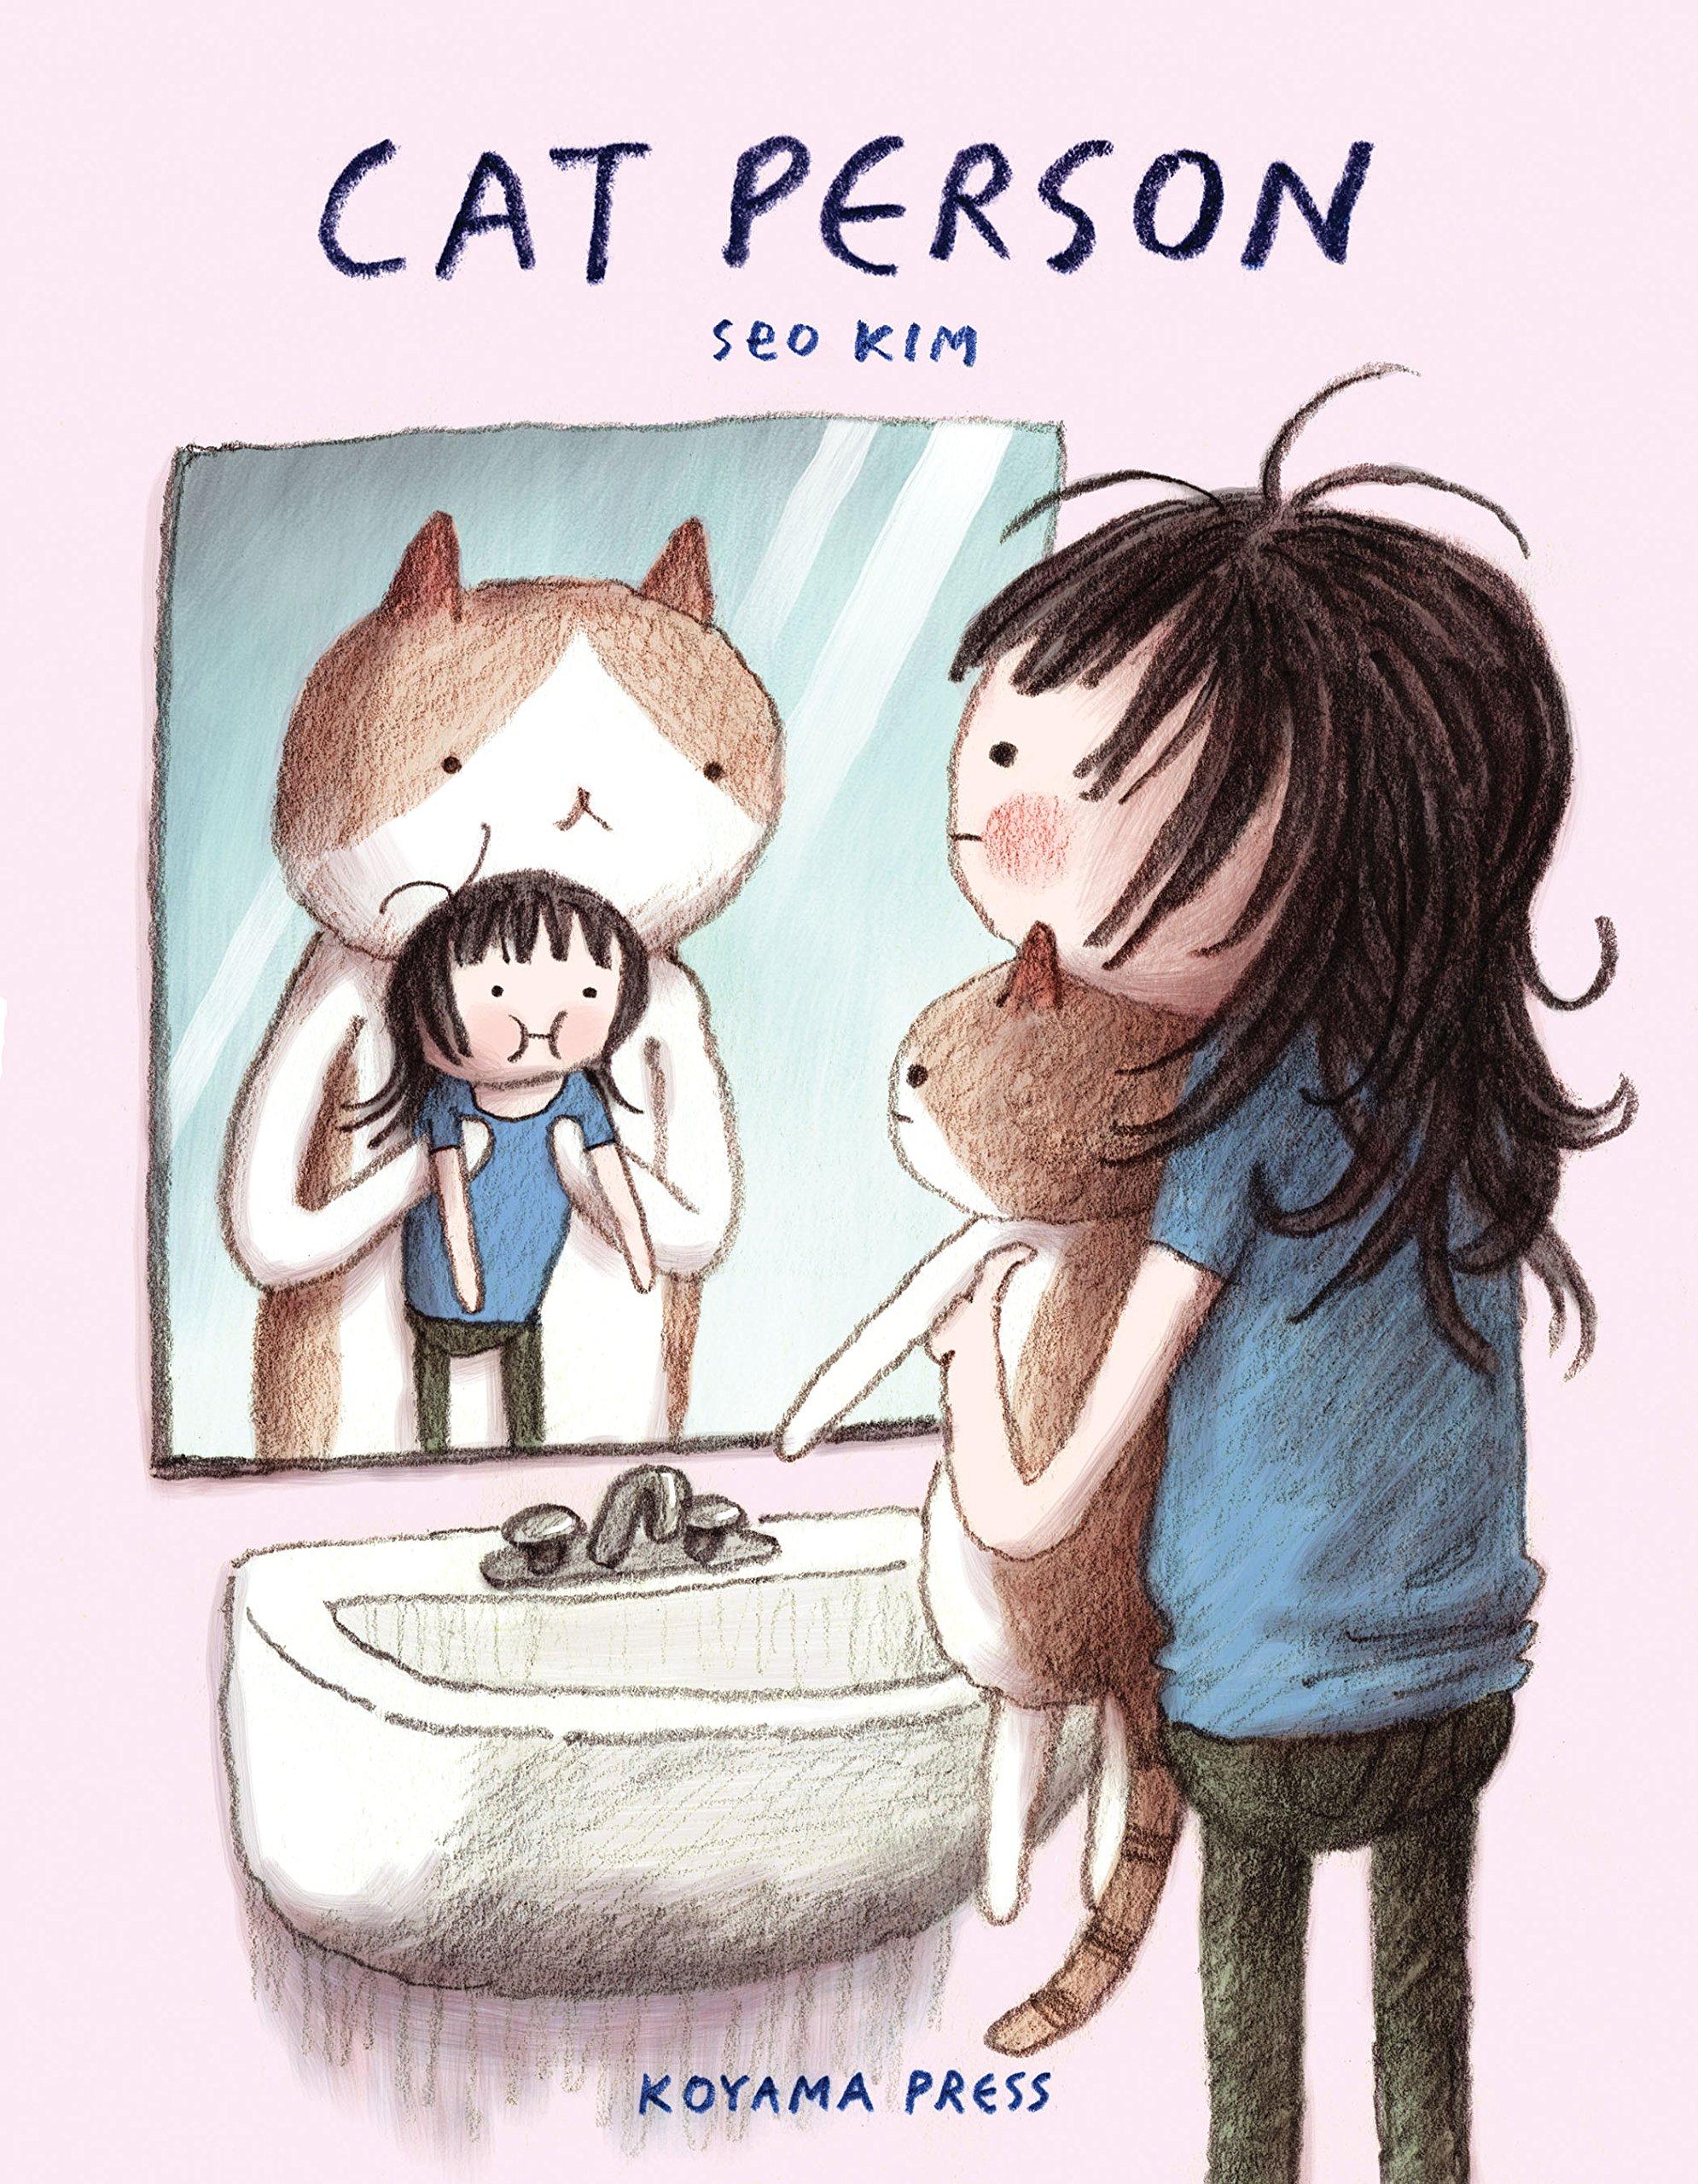 Cat Person  Seo Kim  9781927668054  Amazon.com  Books 341483062